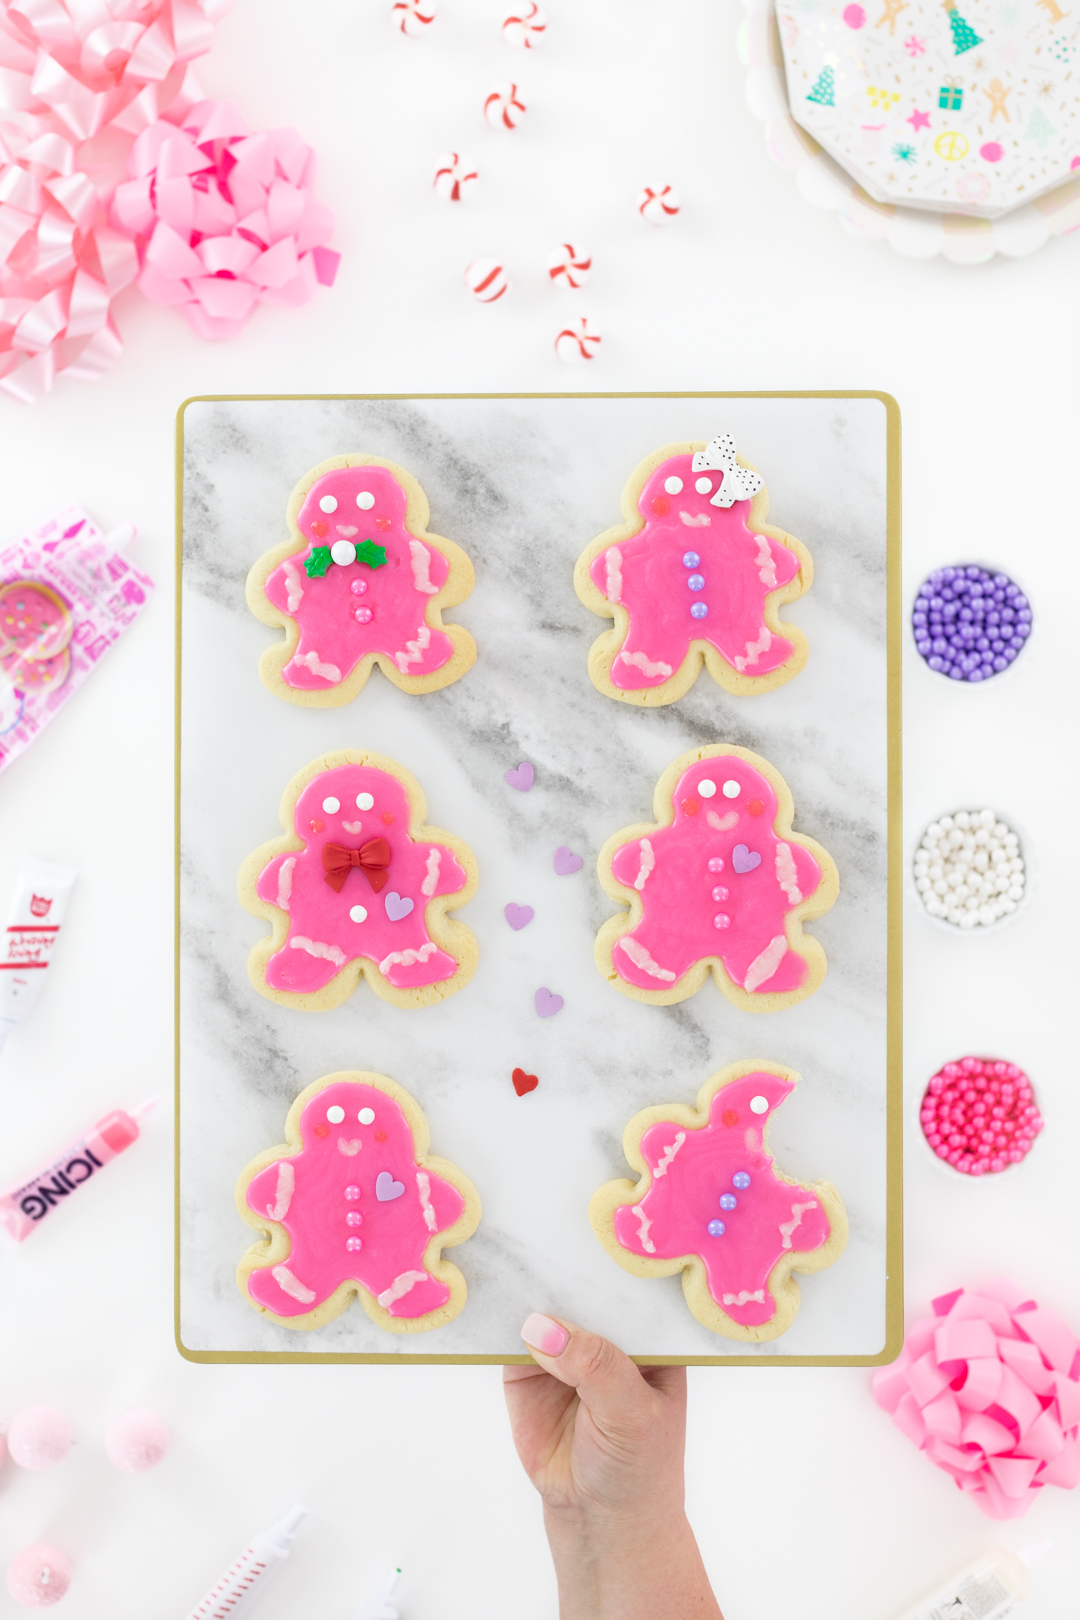 cute pink sugar cookies shaped like gingerbread men